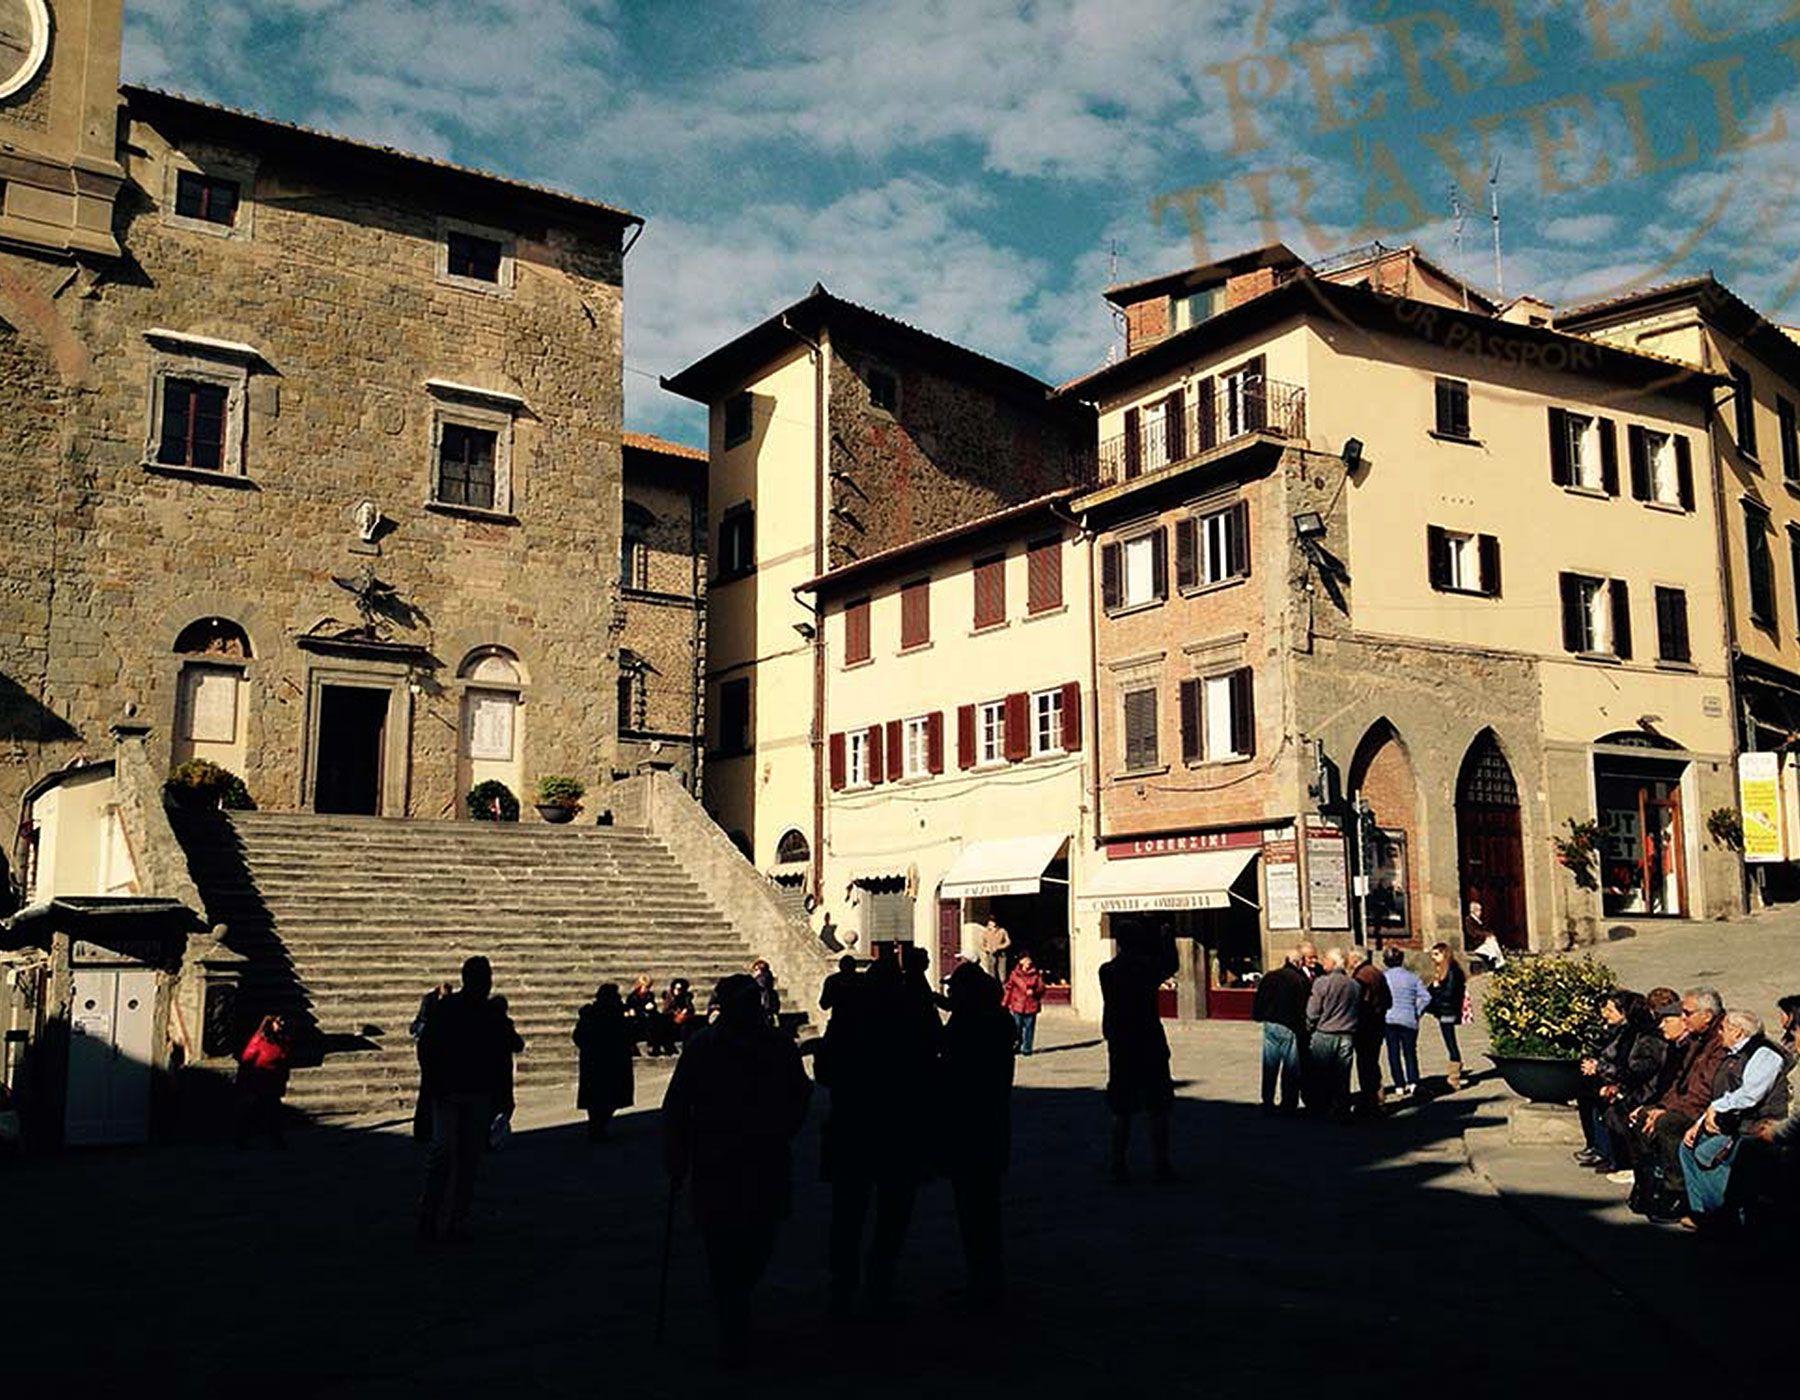 The 5pm gathering in Piazza della Repubblica in Cortona.